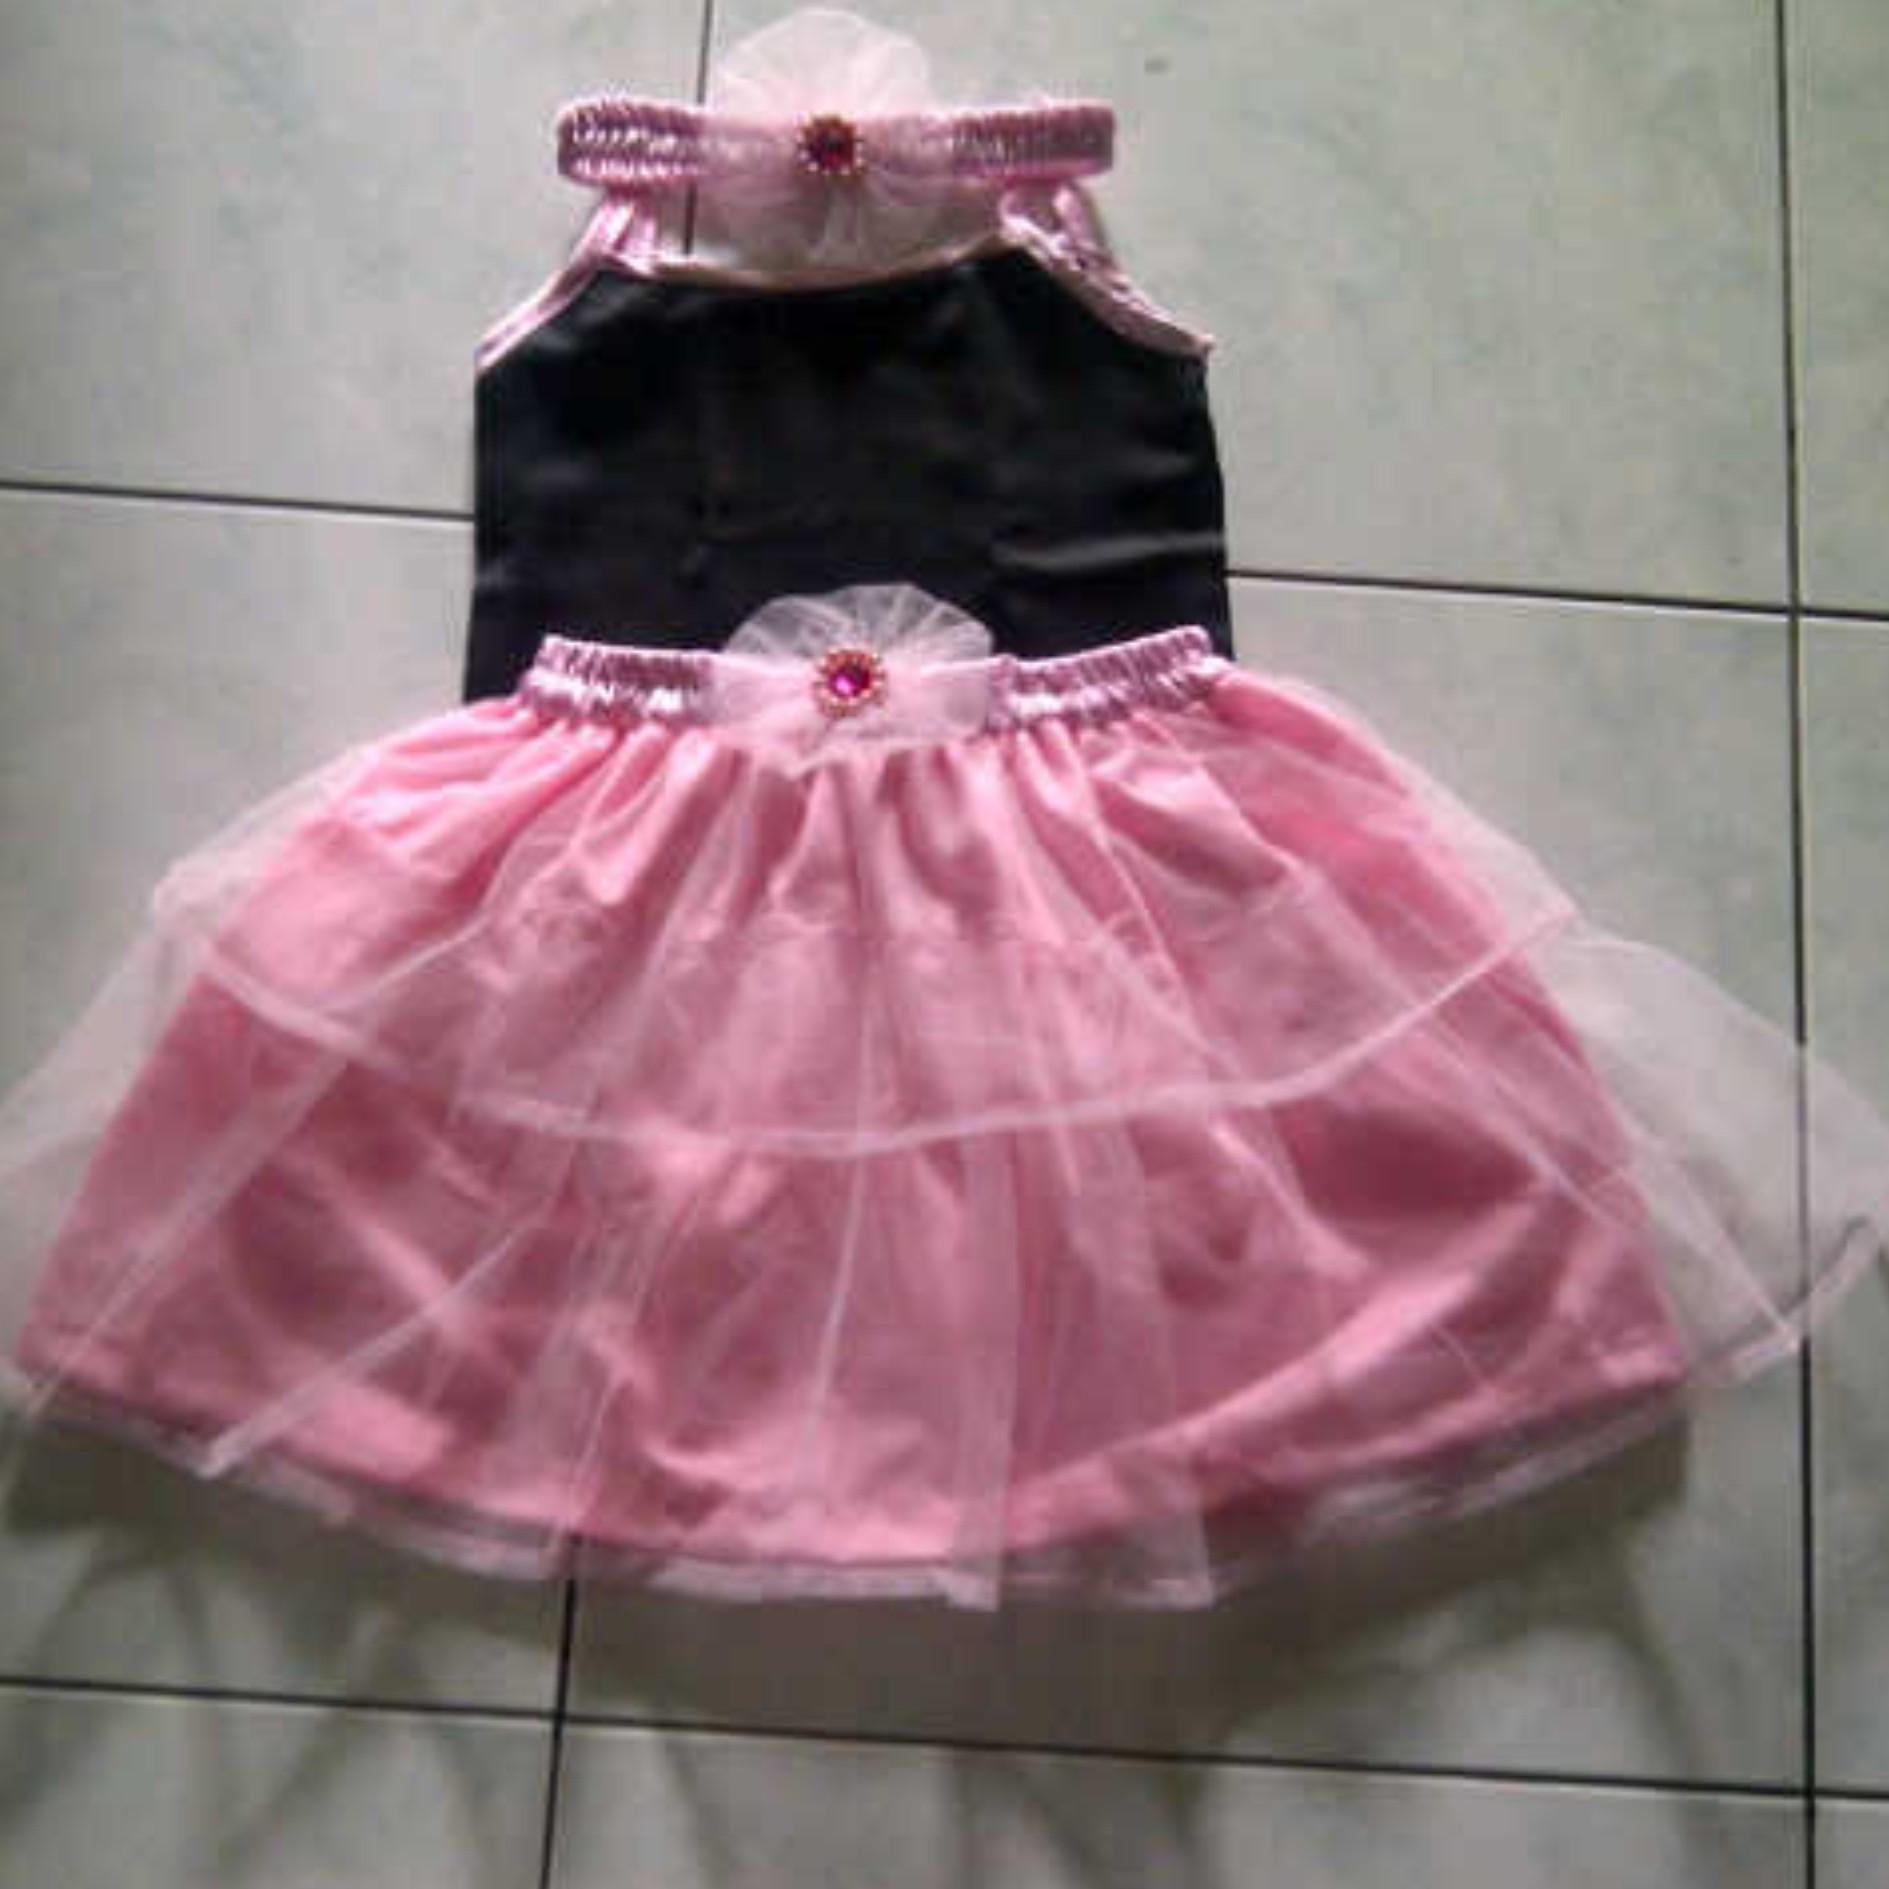 Katalog Cantik Jual Baju Pesta Anak Pesan Gaun Pesta